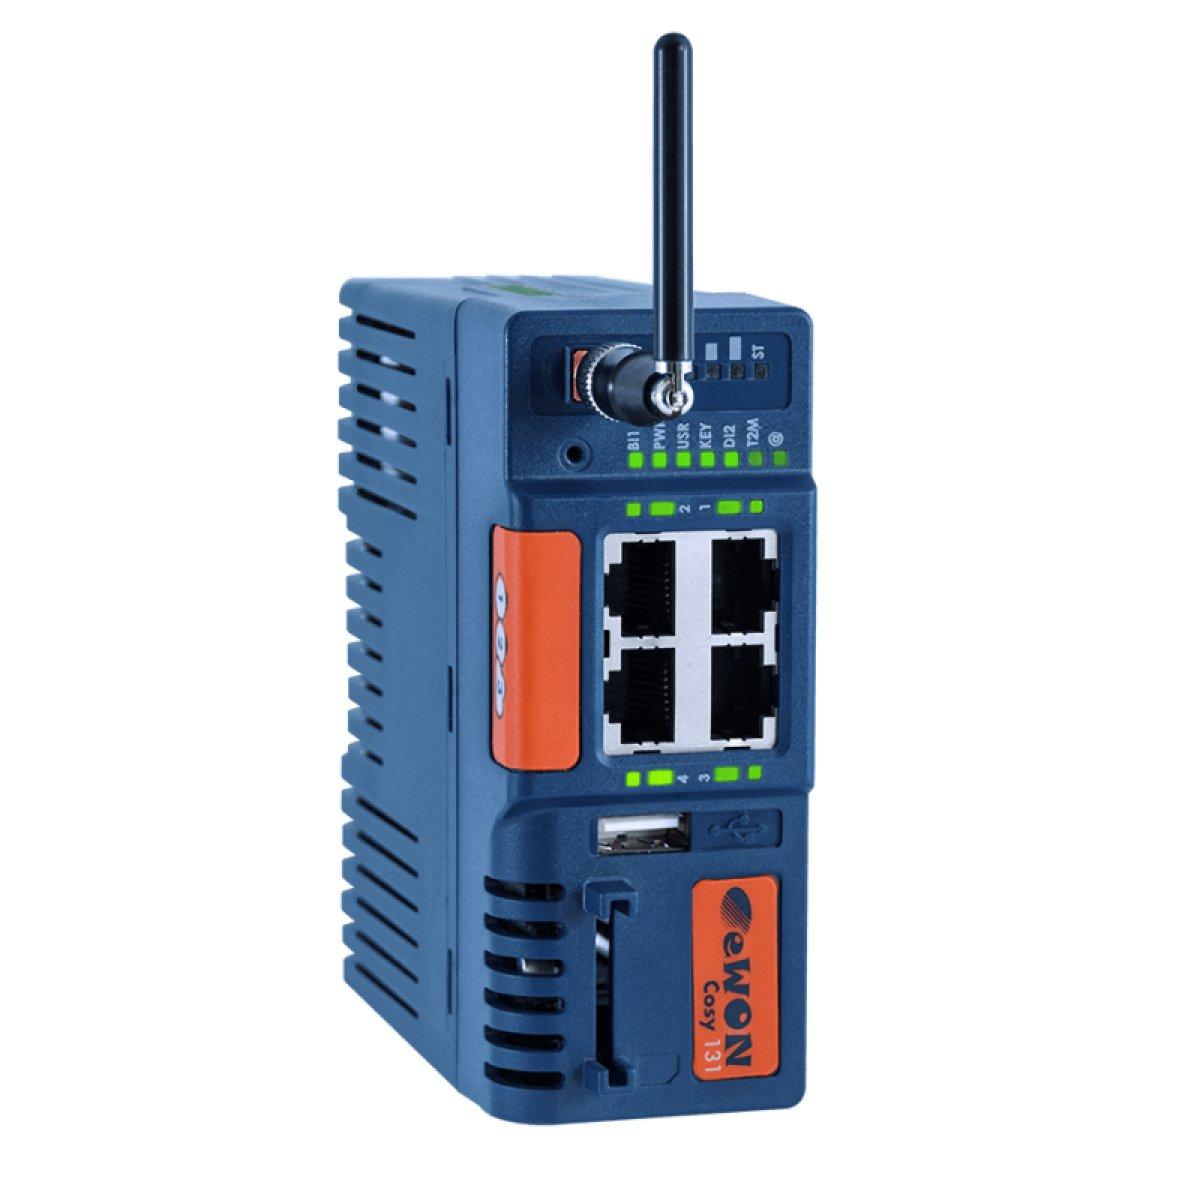 Zdalny dostęp do maszyn eWON COSY 131 z modemem 3G+ - 2DI, 1DO - EC6133D-00M